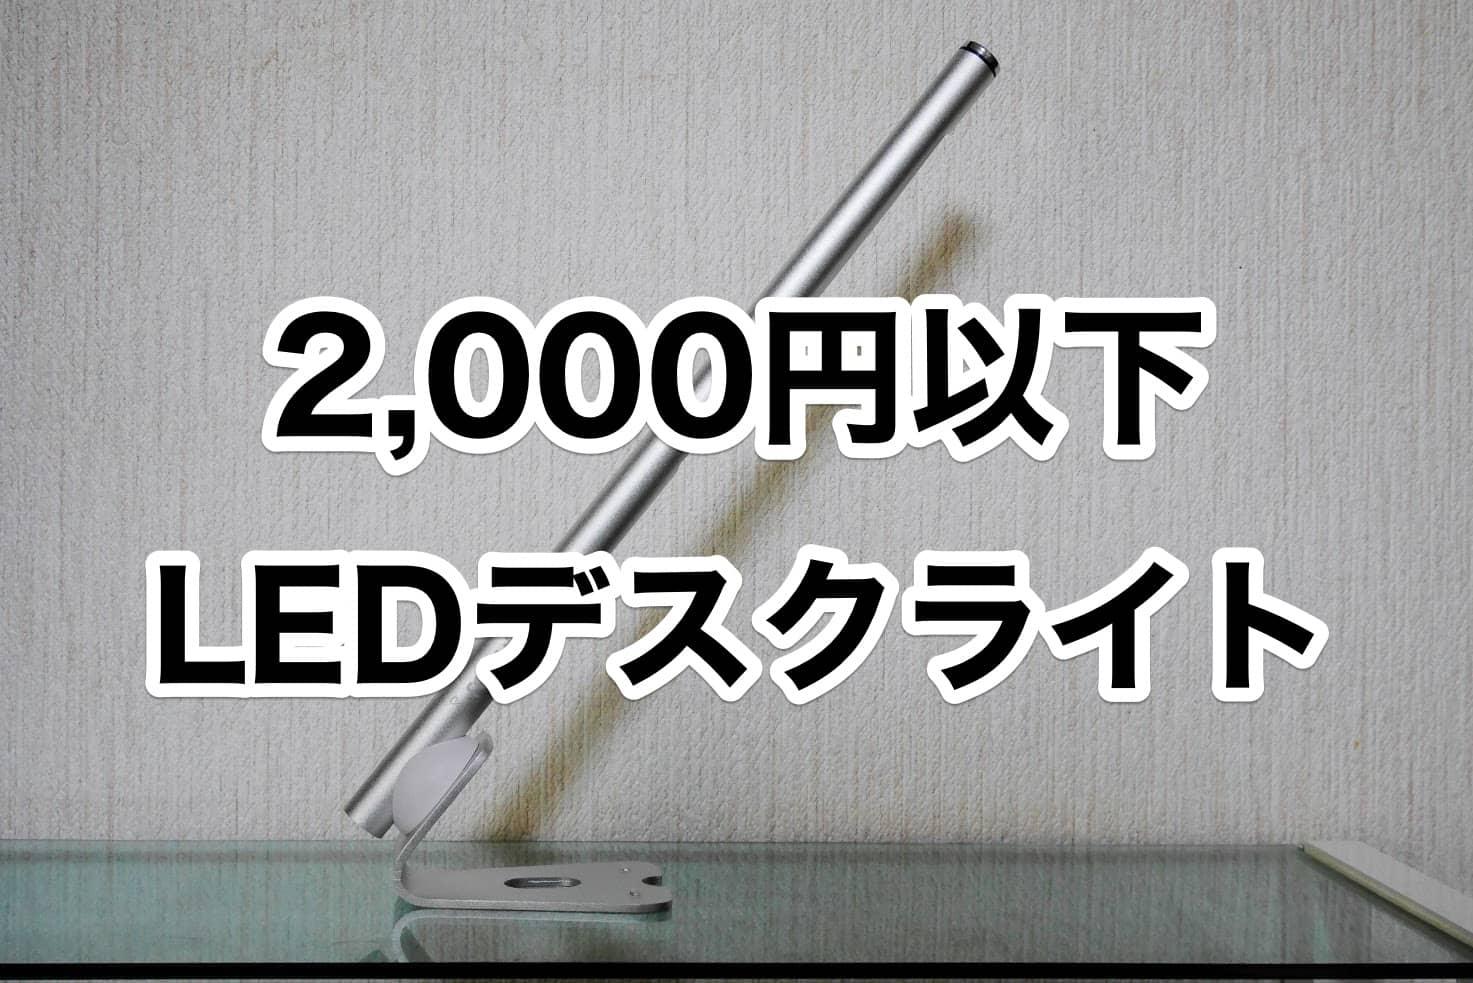 2,000以下で買えるLEDデスクライト